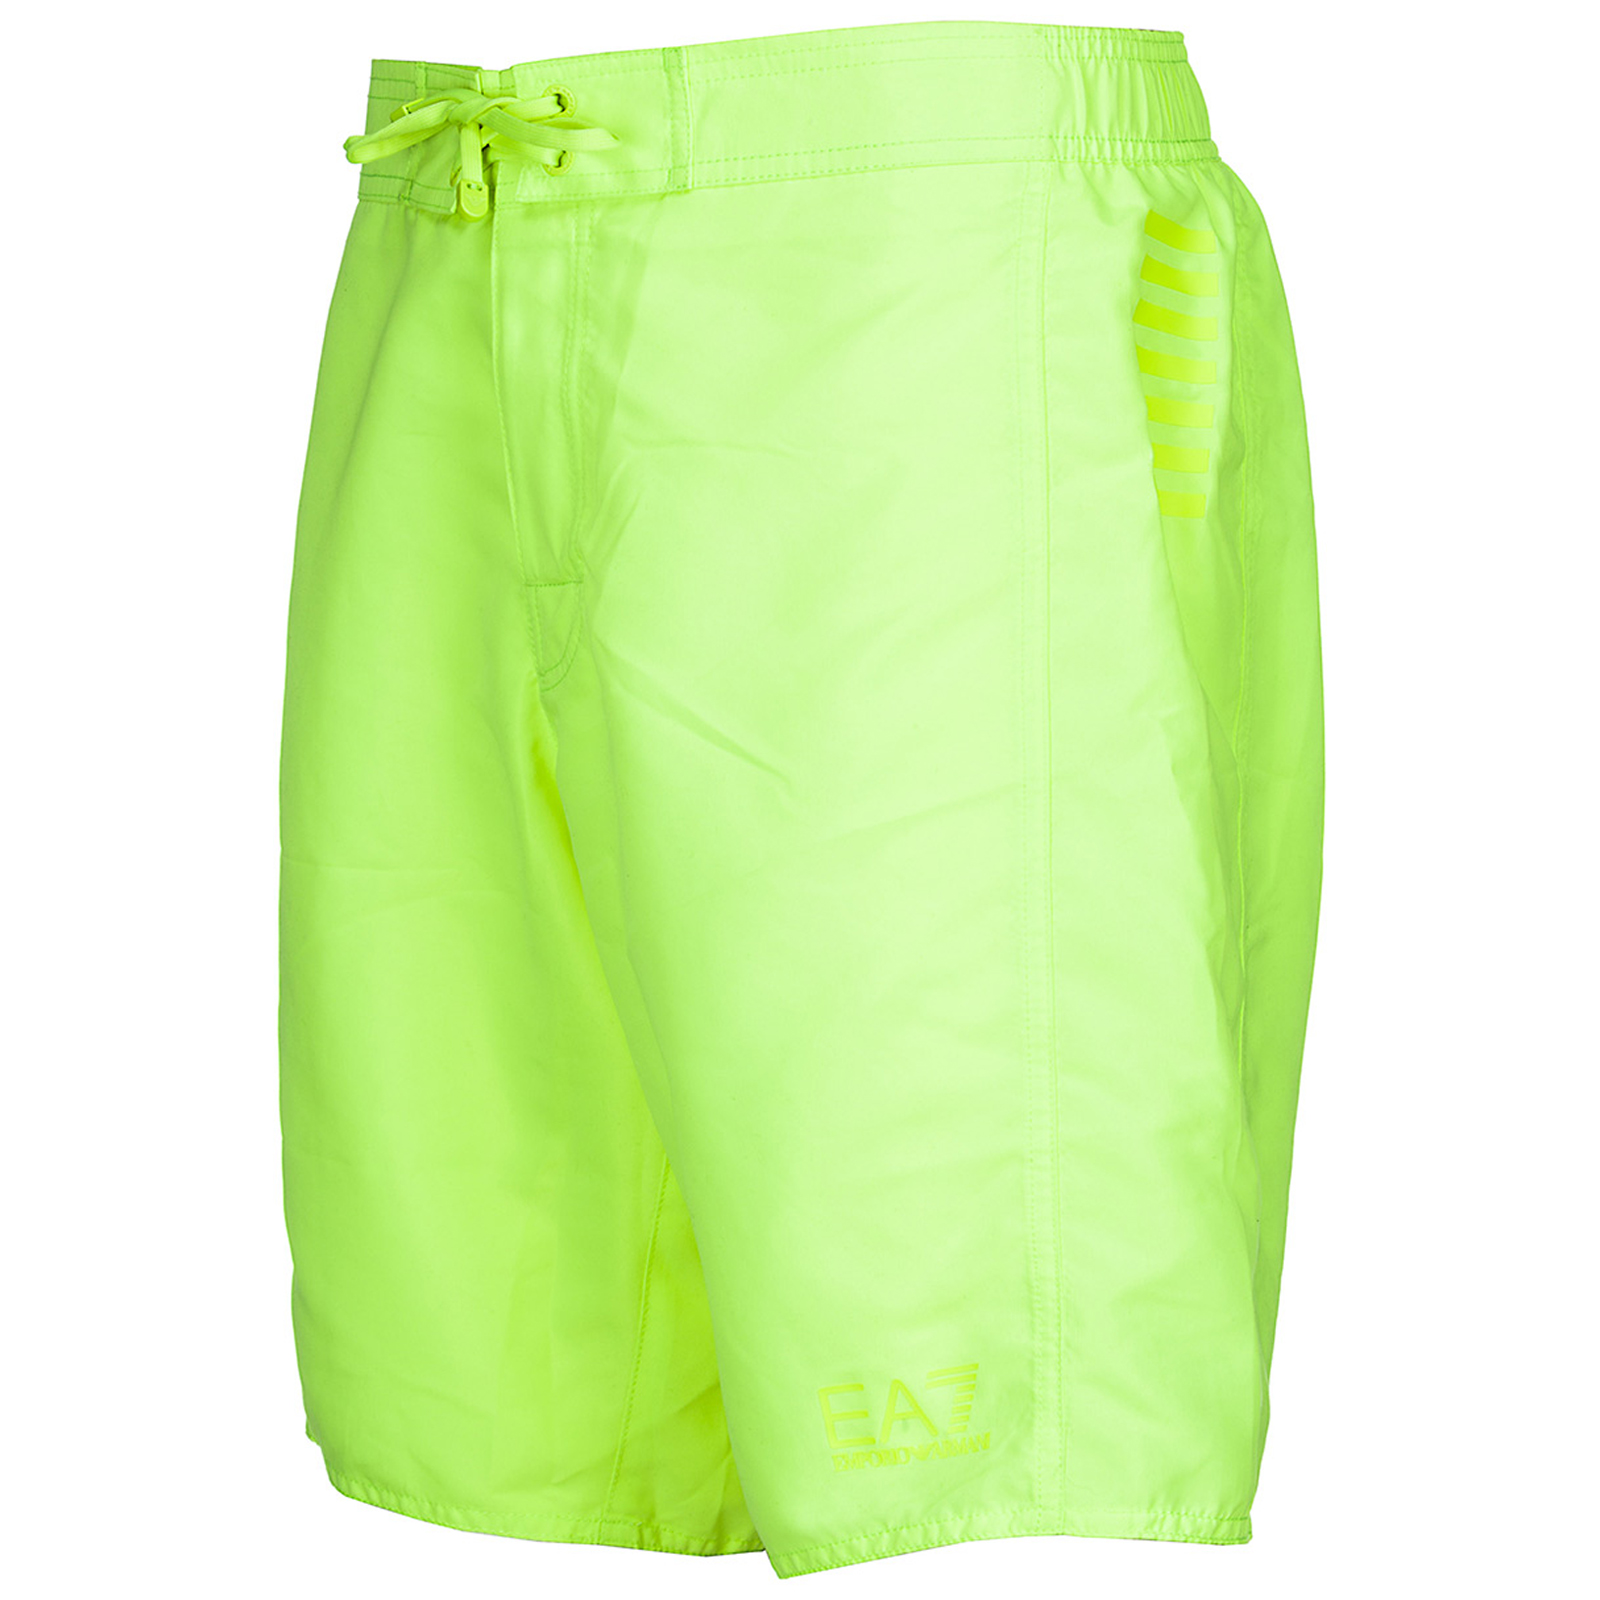 Boxer mare emporio armani ea7 9020068p73002560 fluo yellow - Costume da bagno uomo armani ...